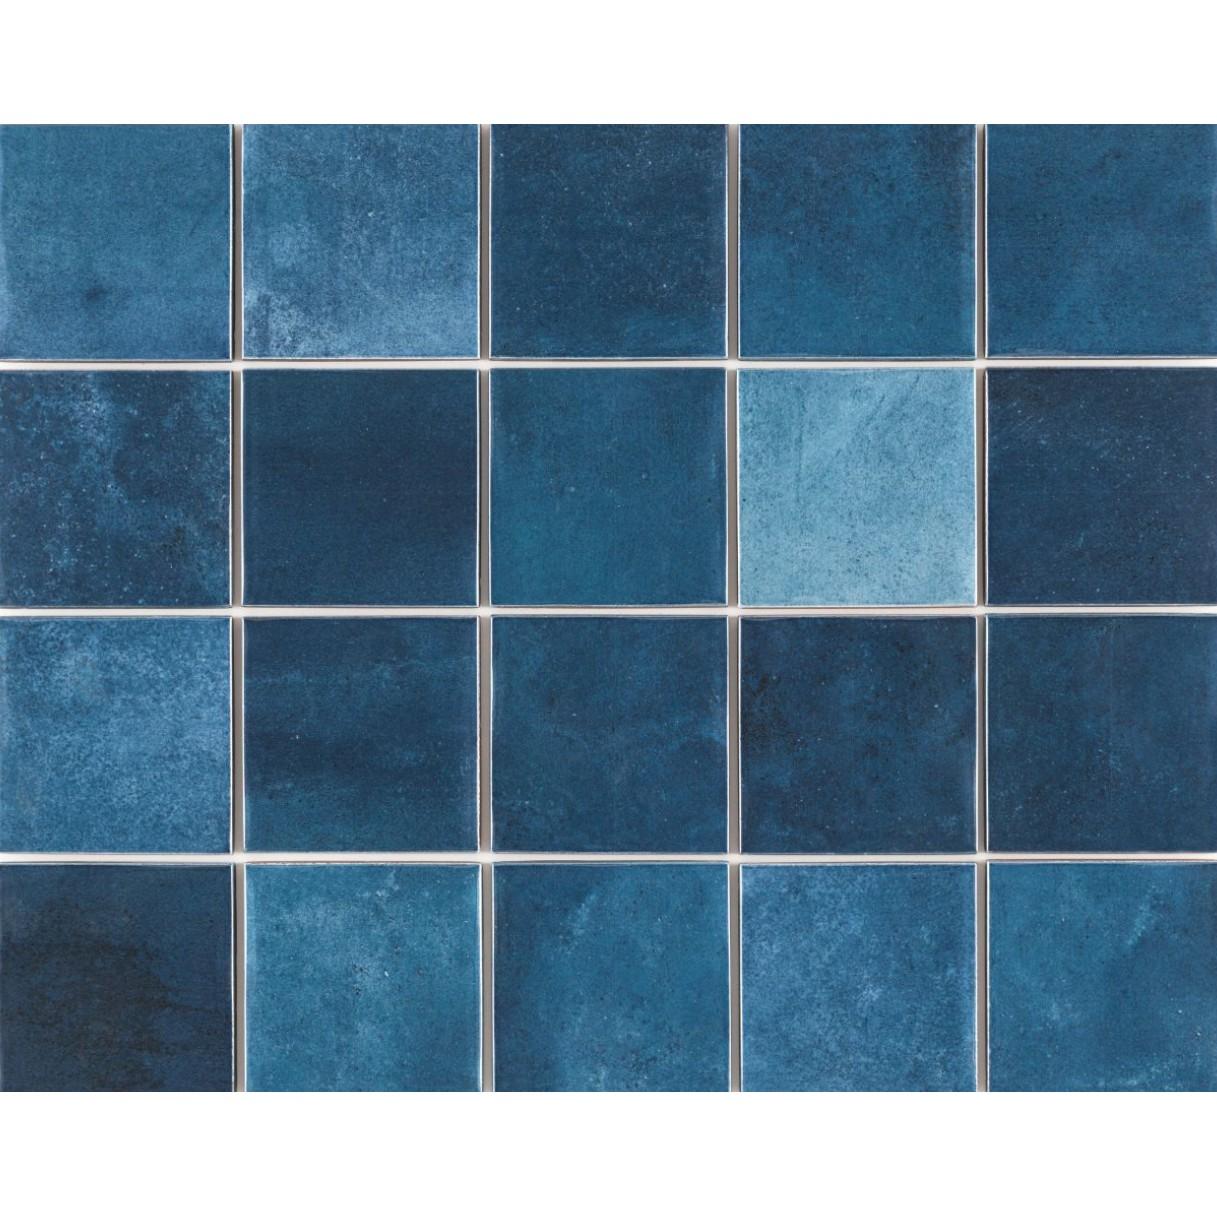 Revestimento Noronha Mar Mesh Brilhante Craquelada 75x75cm 159 m Azul - Eliane